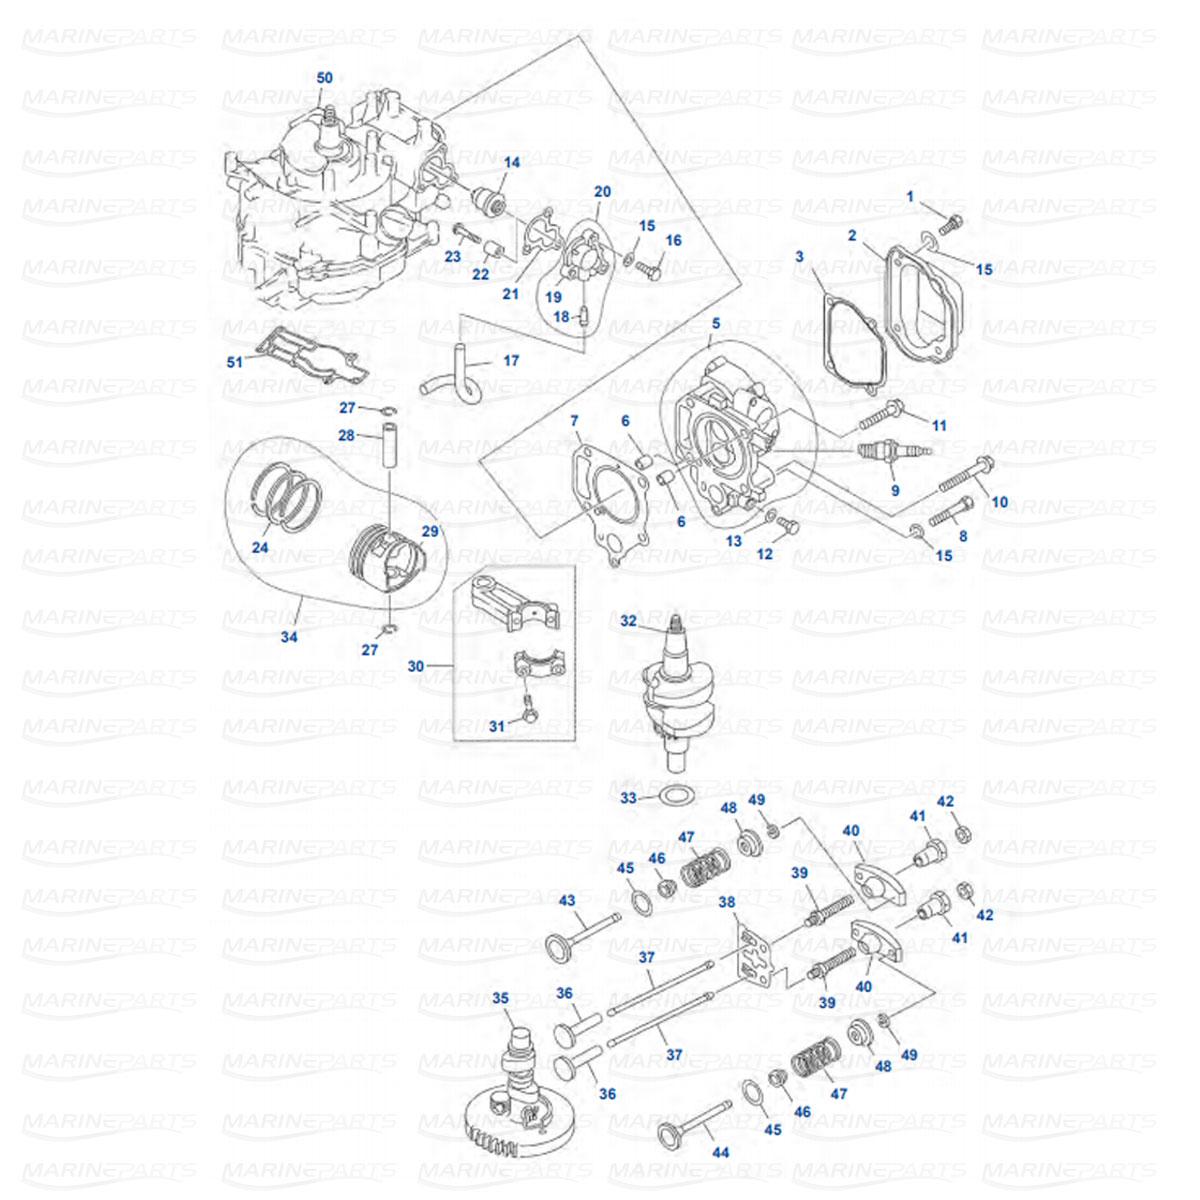 Yamaha Moottorin Varaosat Peramoottorille Marineparts Finland